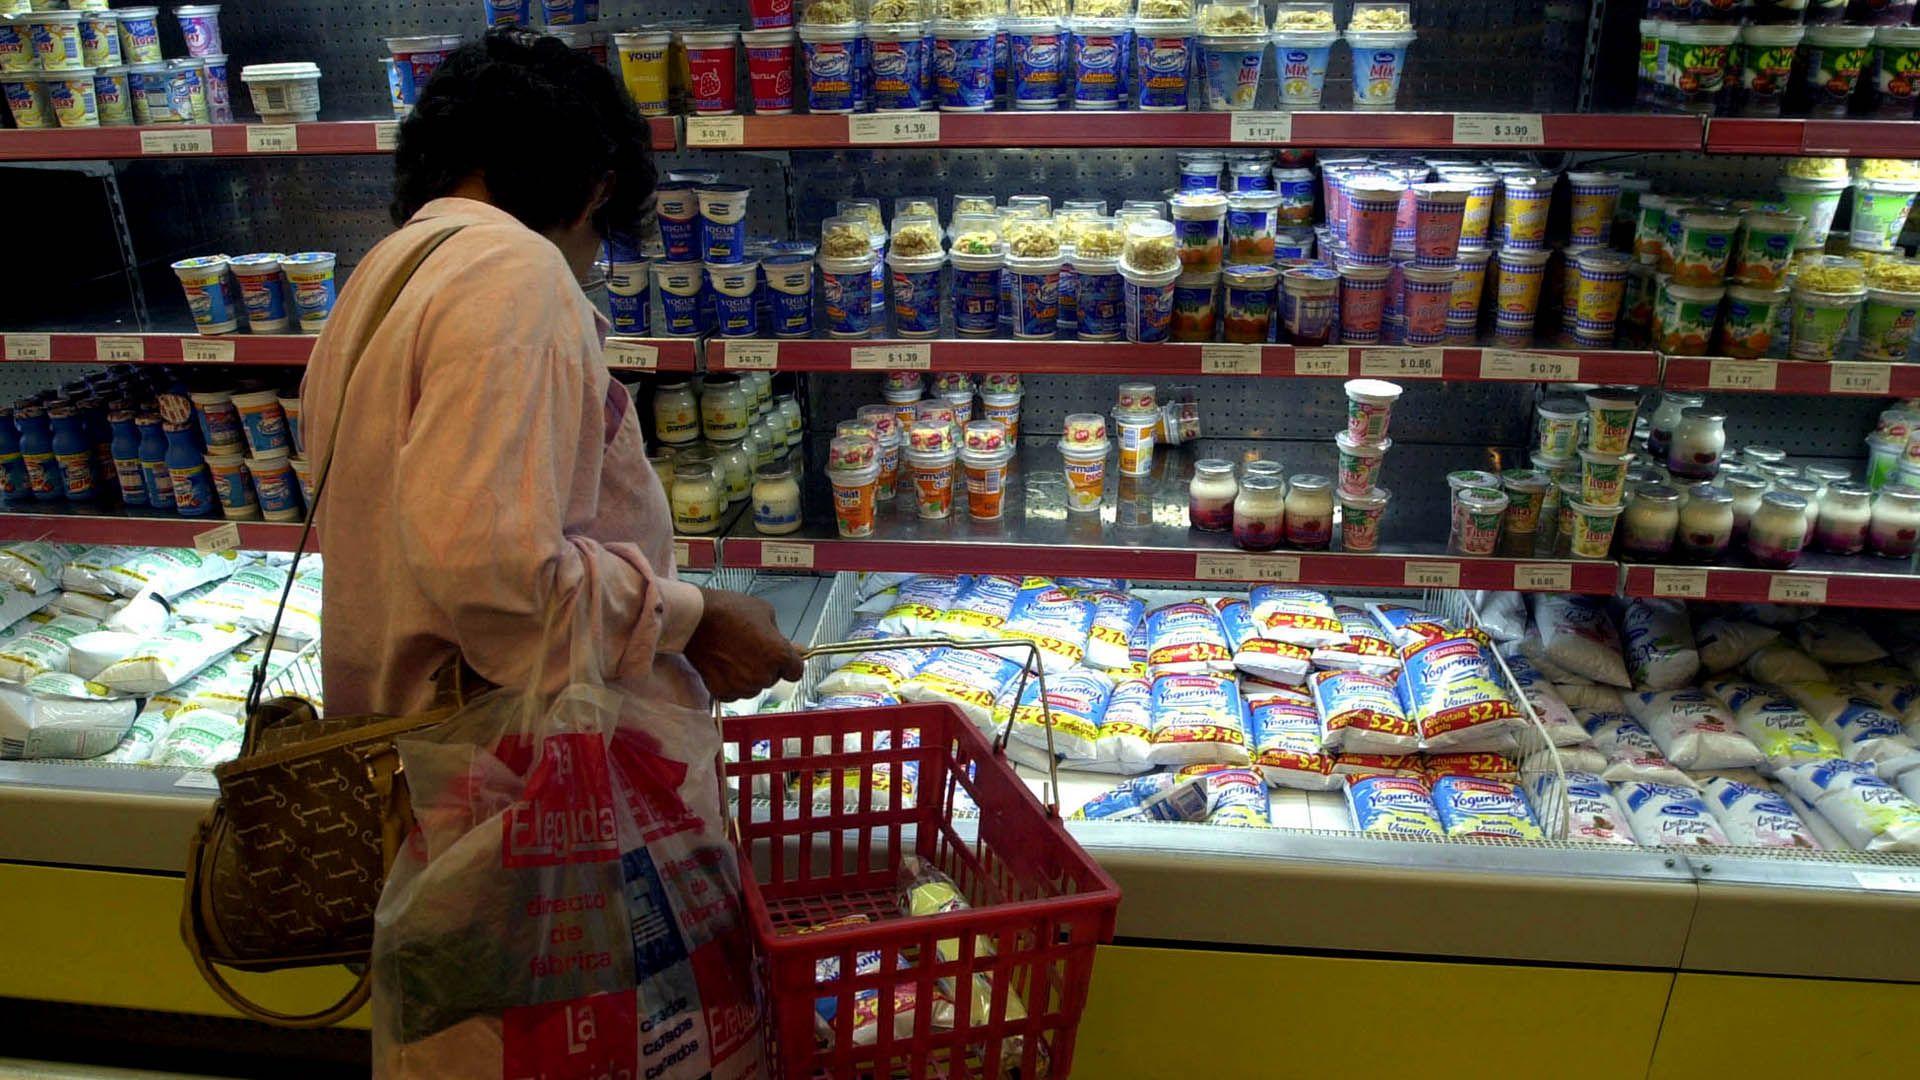 lacteos leche yogur gondola inflación precios